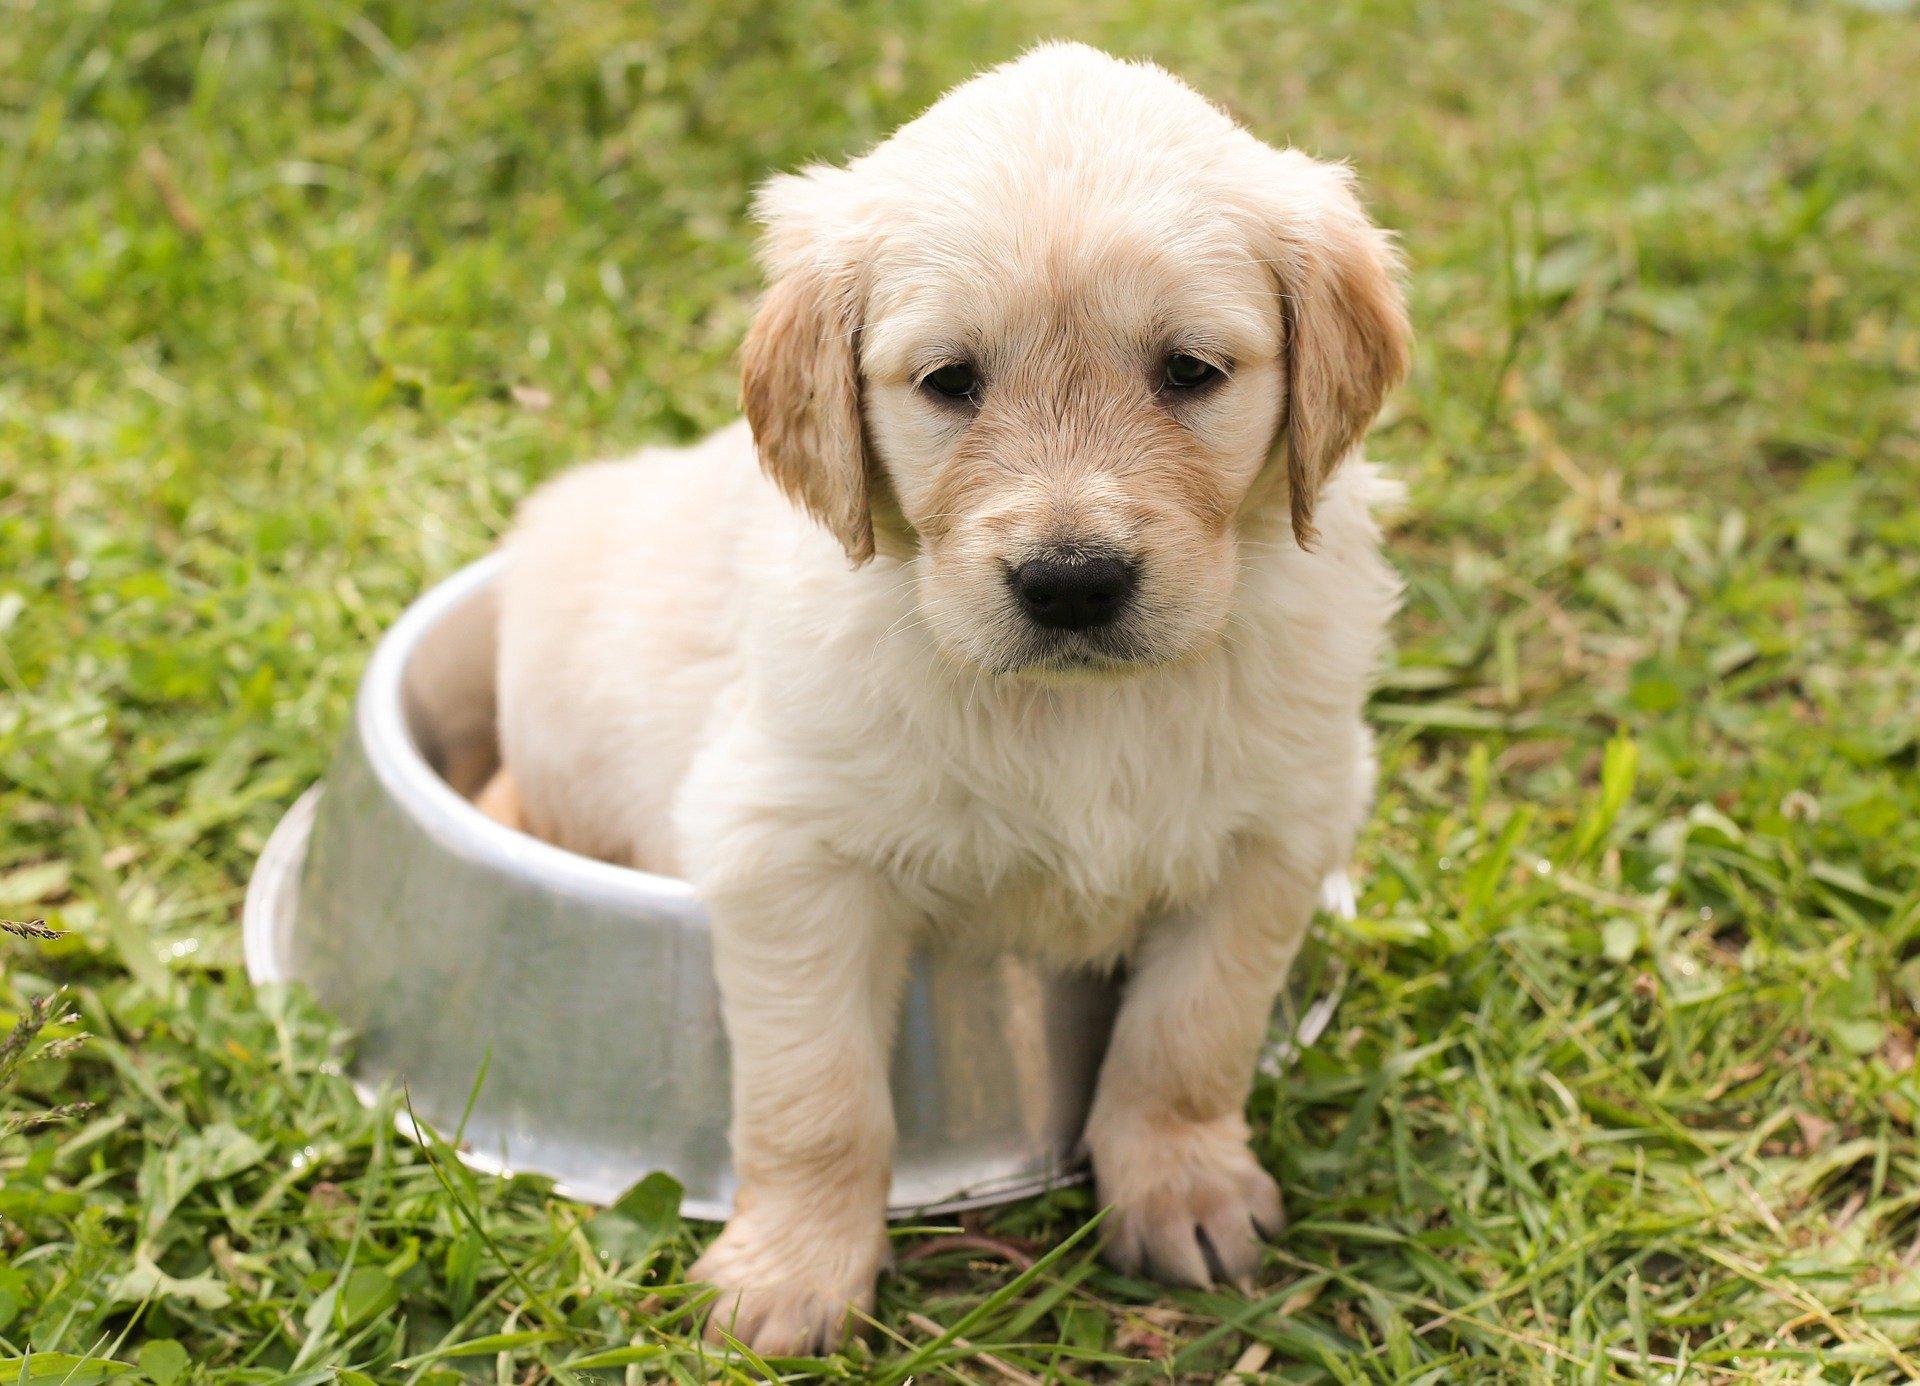 puppy-1207816_1920 (1)